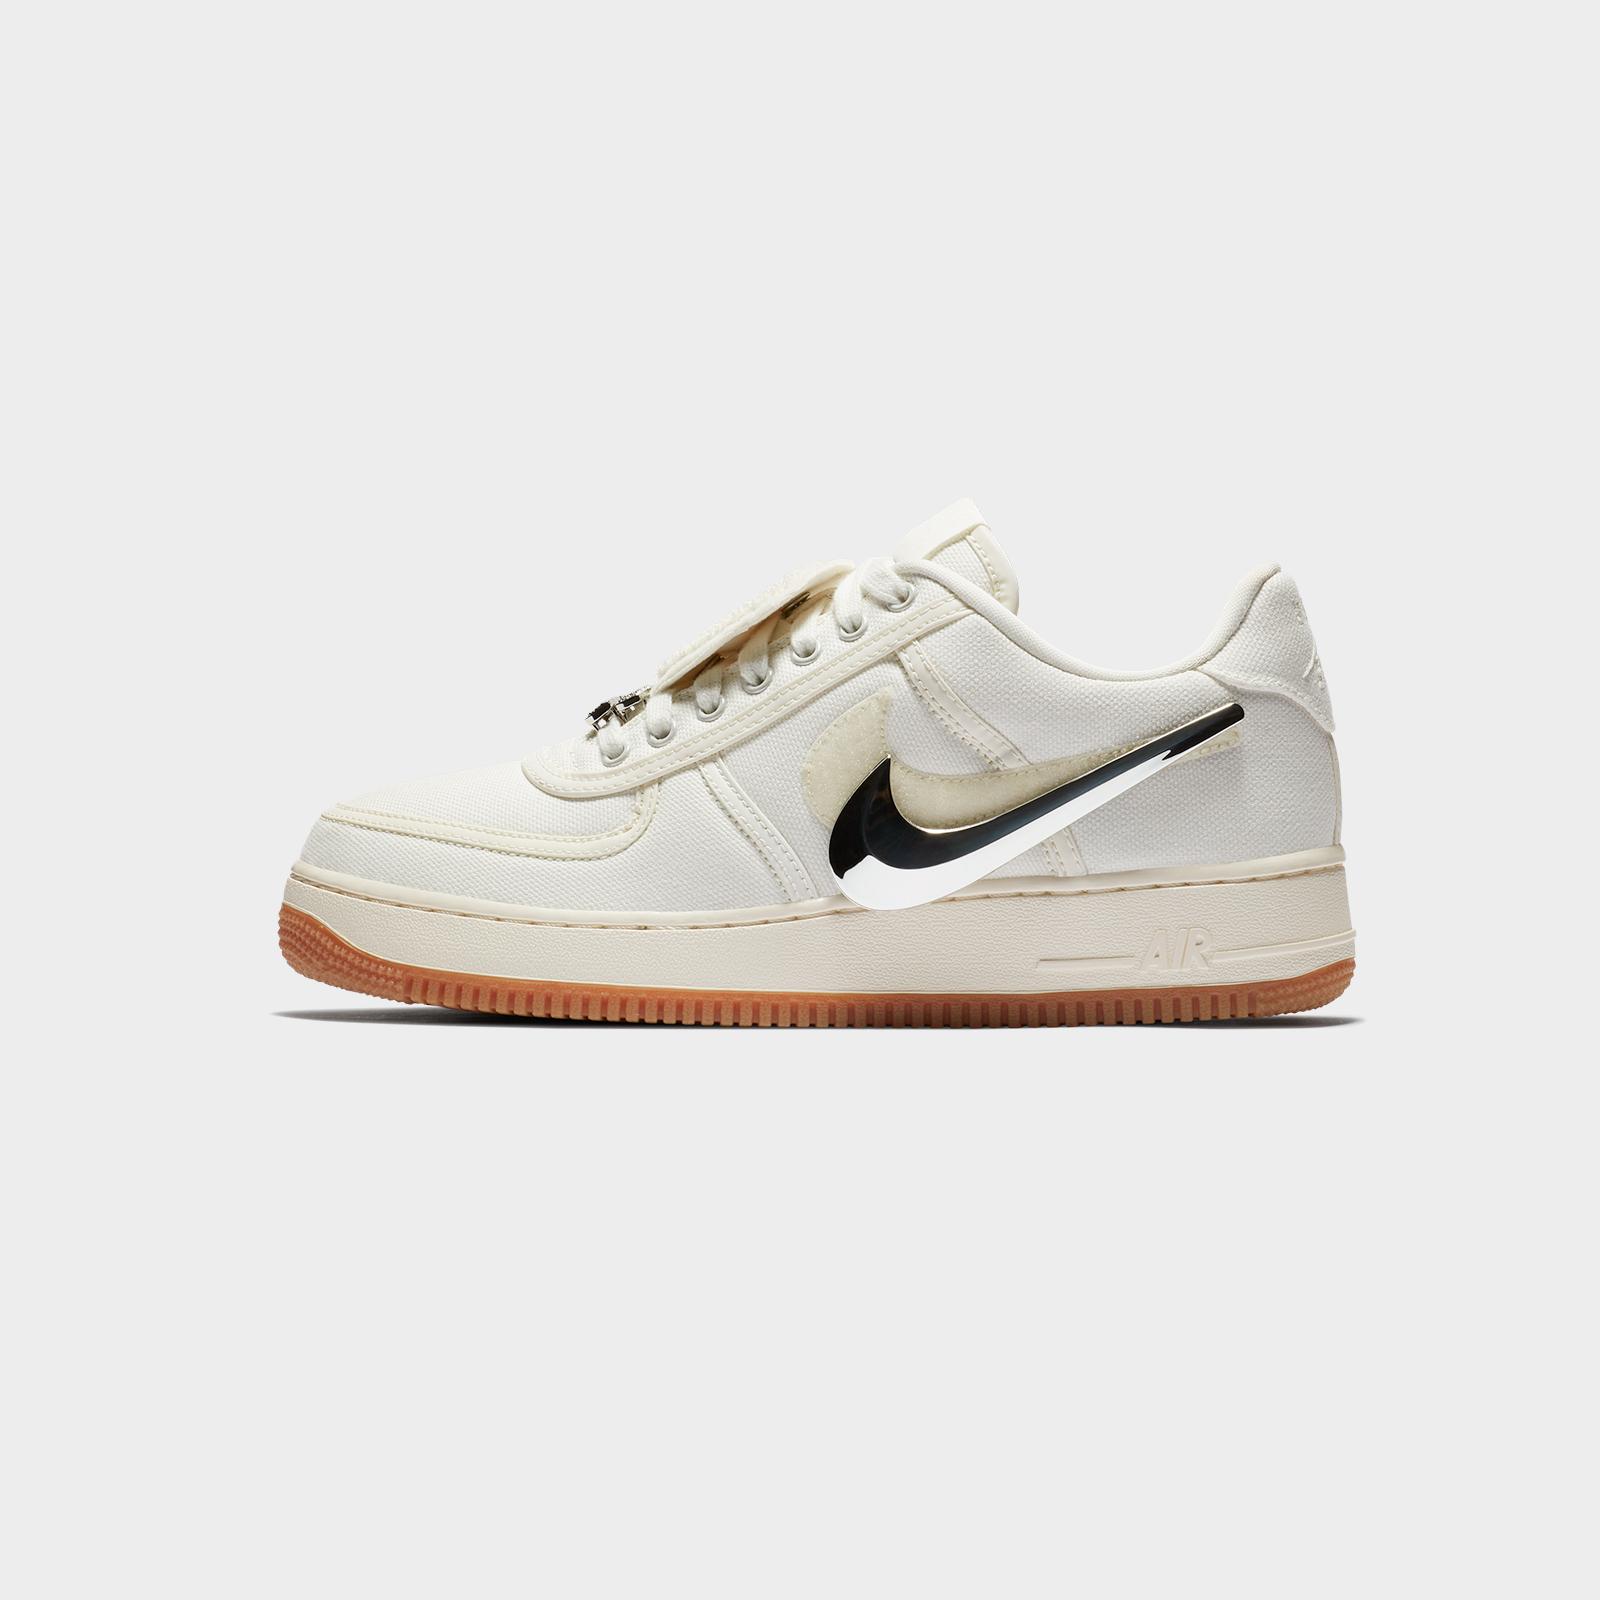 low priced bc32f c99aa Nike Sportswear Air Force 1 Low Travis Scott - 2. Close